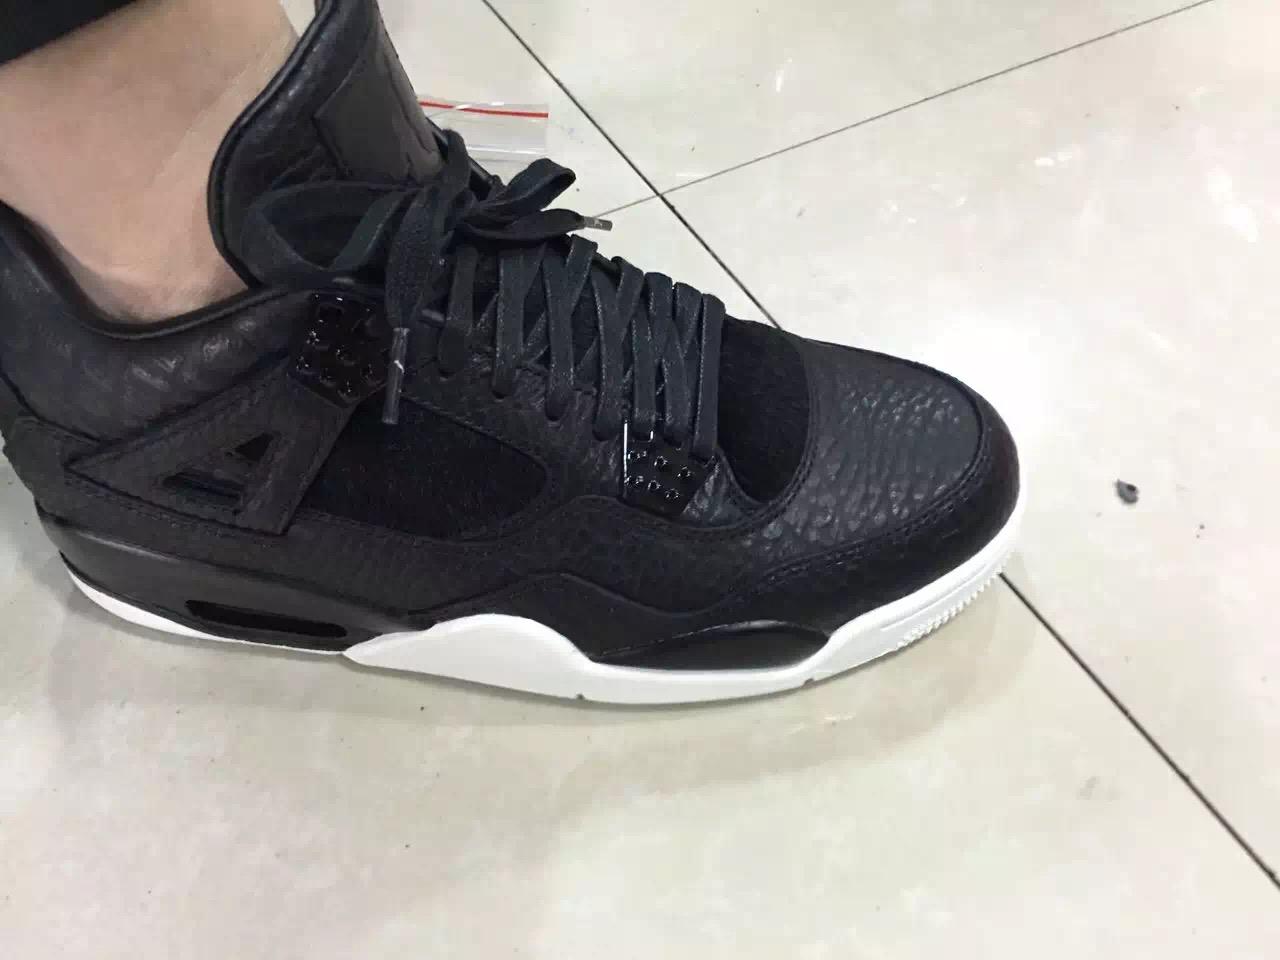 0dff888d40c059 Air Jordan 4 Retro Premium Black Release Info